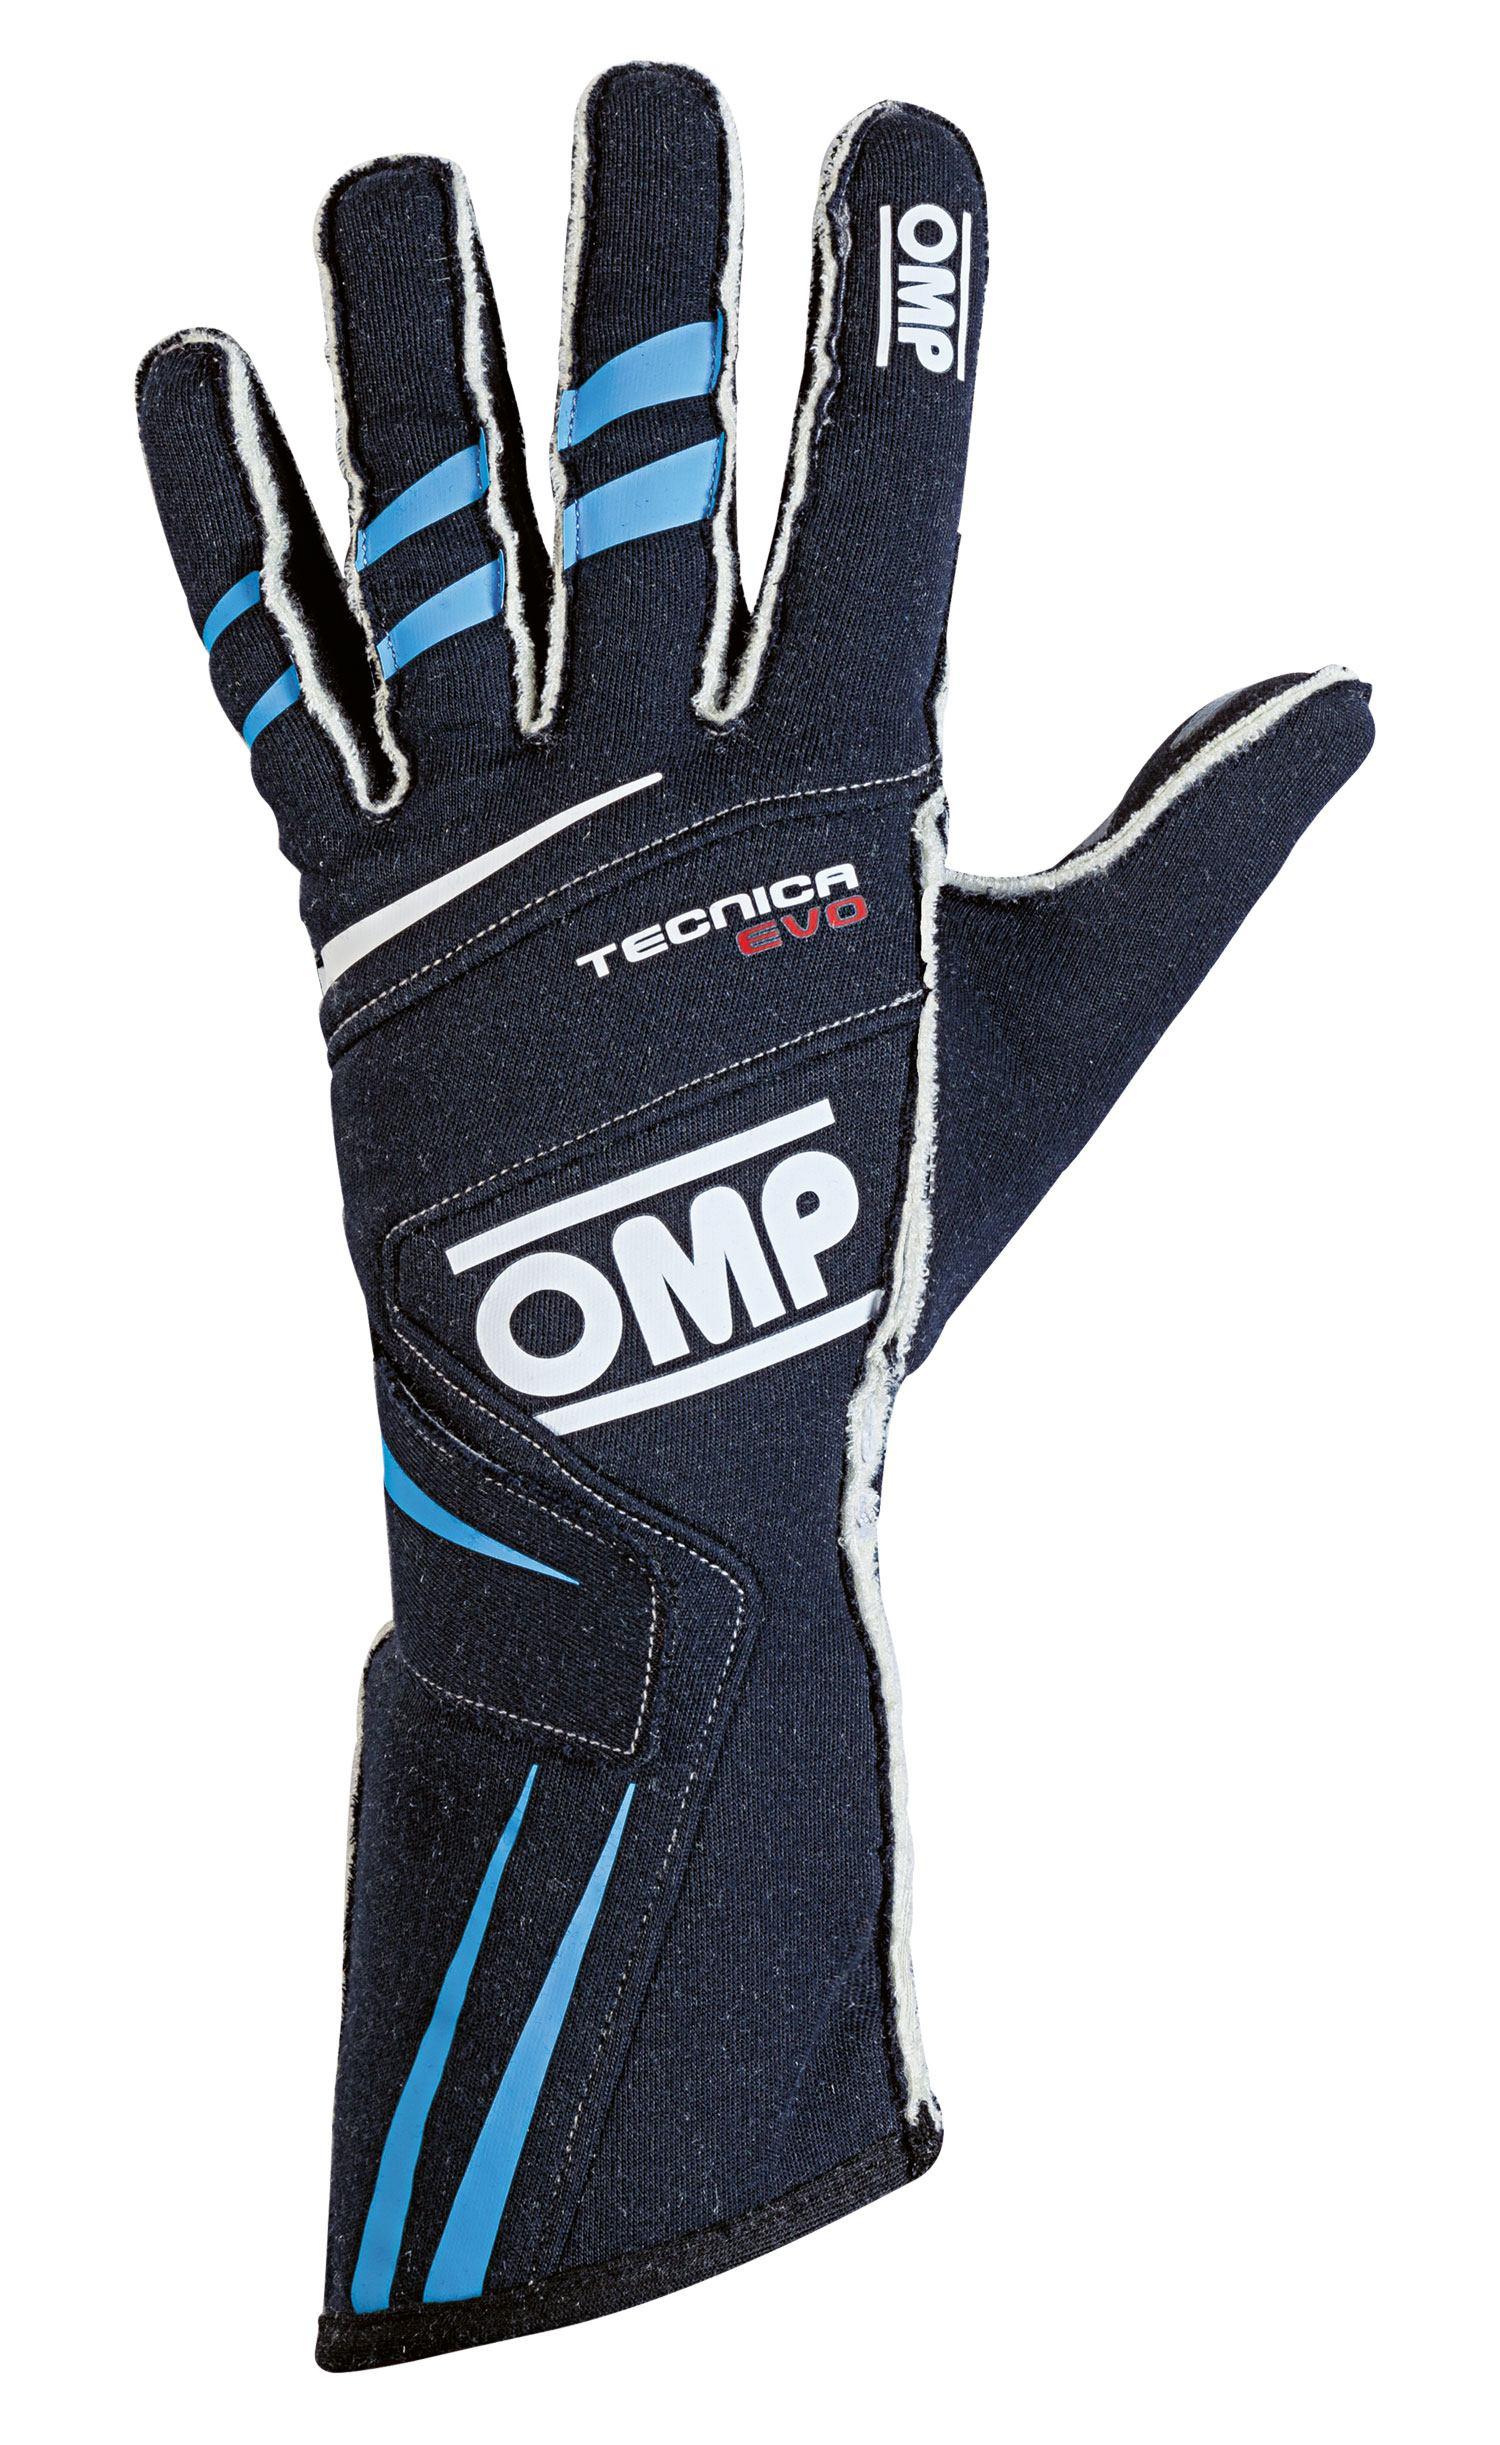 OMP Tecnica Evo, dunkelblau/blau